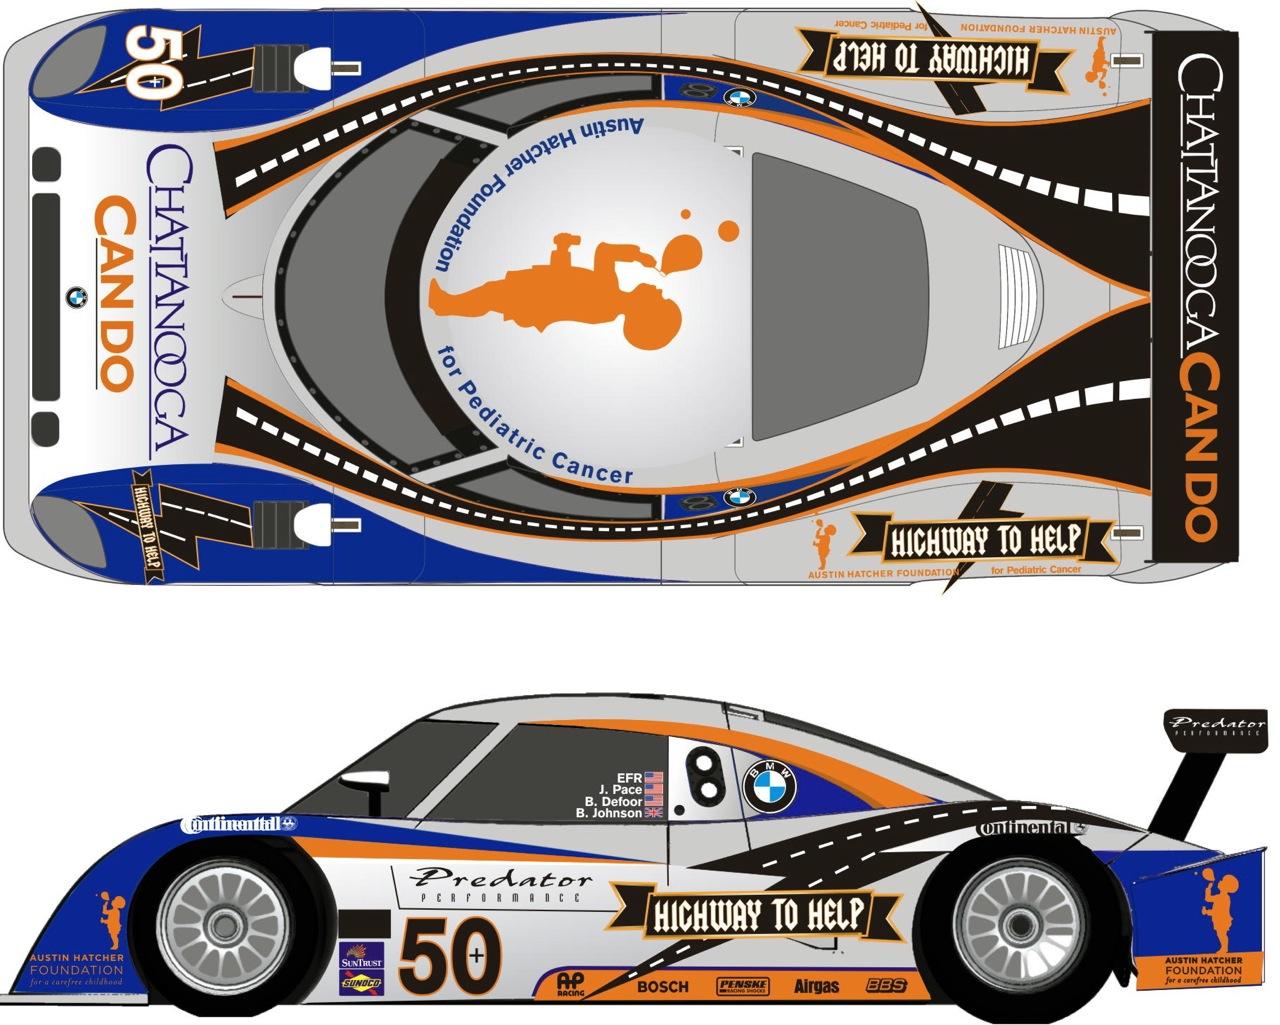 http://3.bp.blogspot.com/-AIvFLIObudU/TrxQuXOo-oI/AAAAAAAADCQ/qrZHSi2PikQ/s1600/Brian+racer.jpg